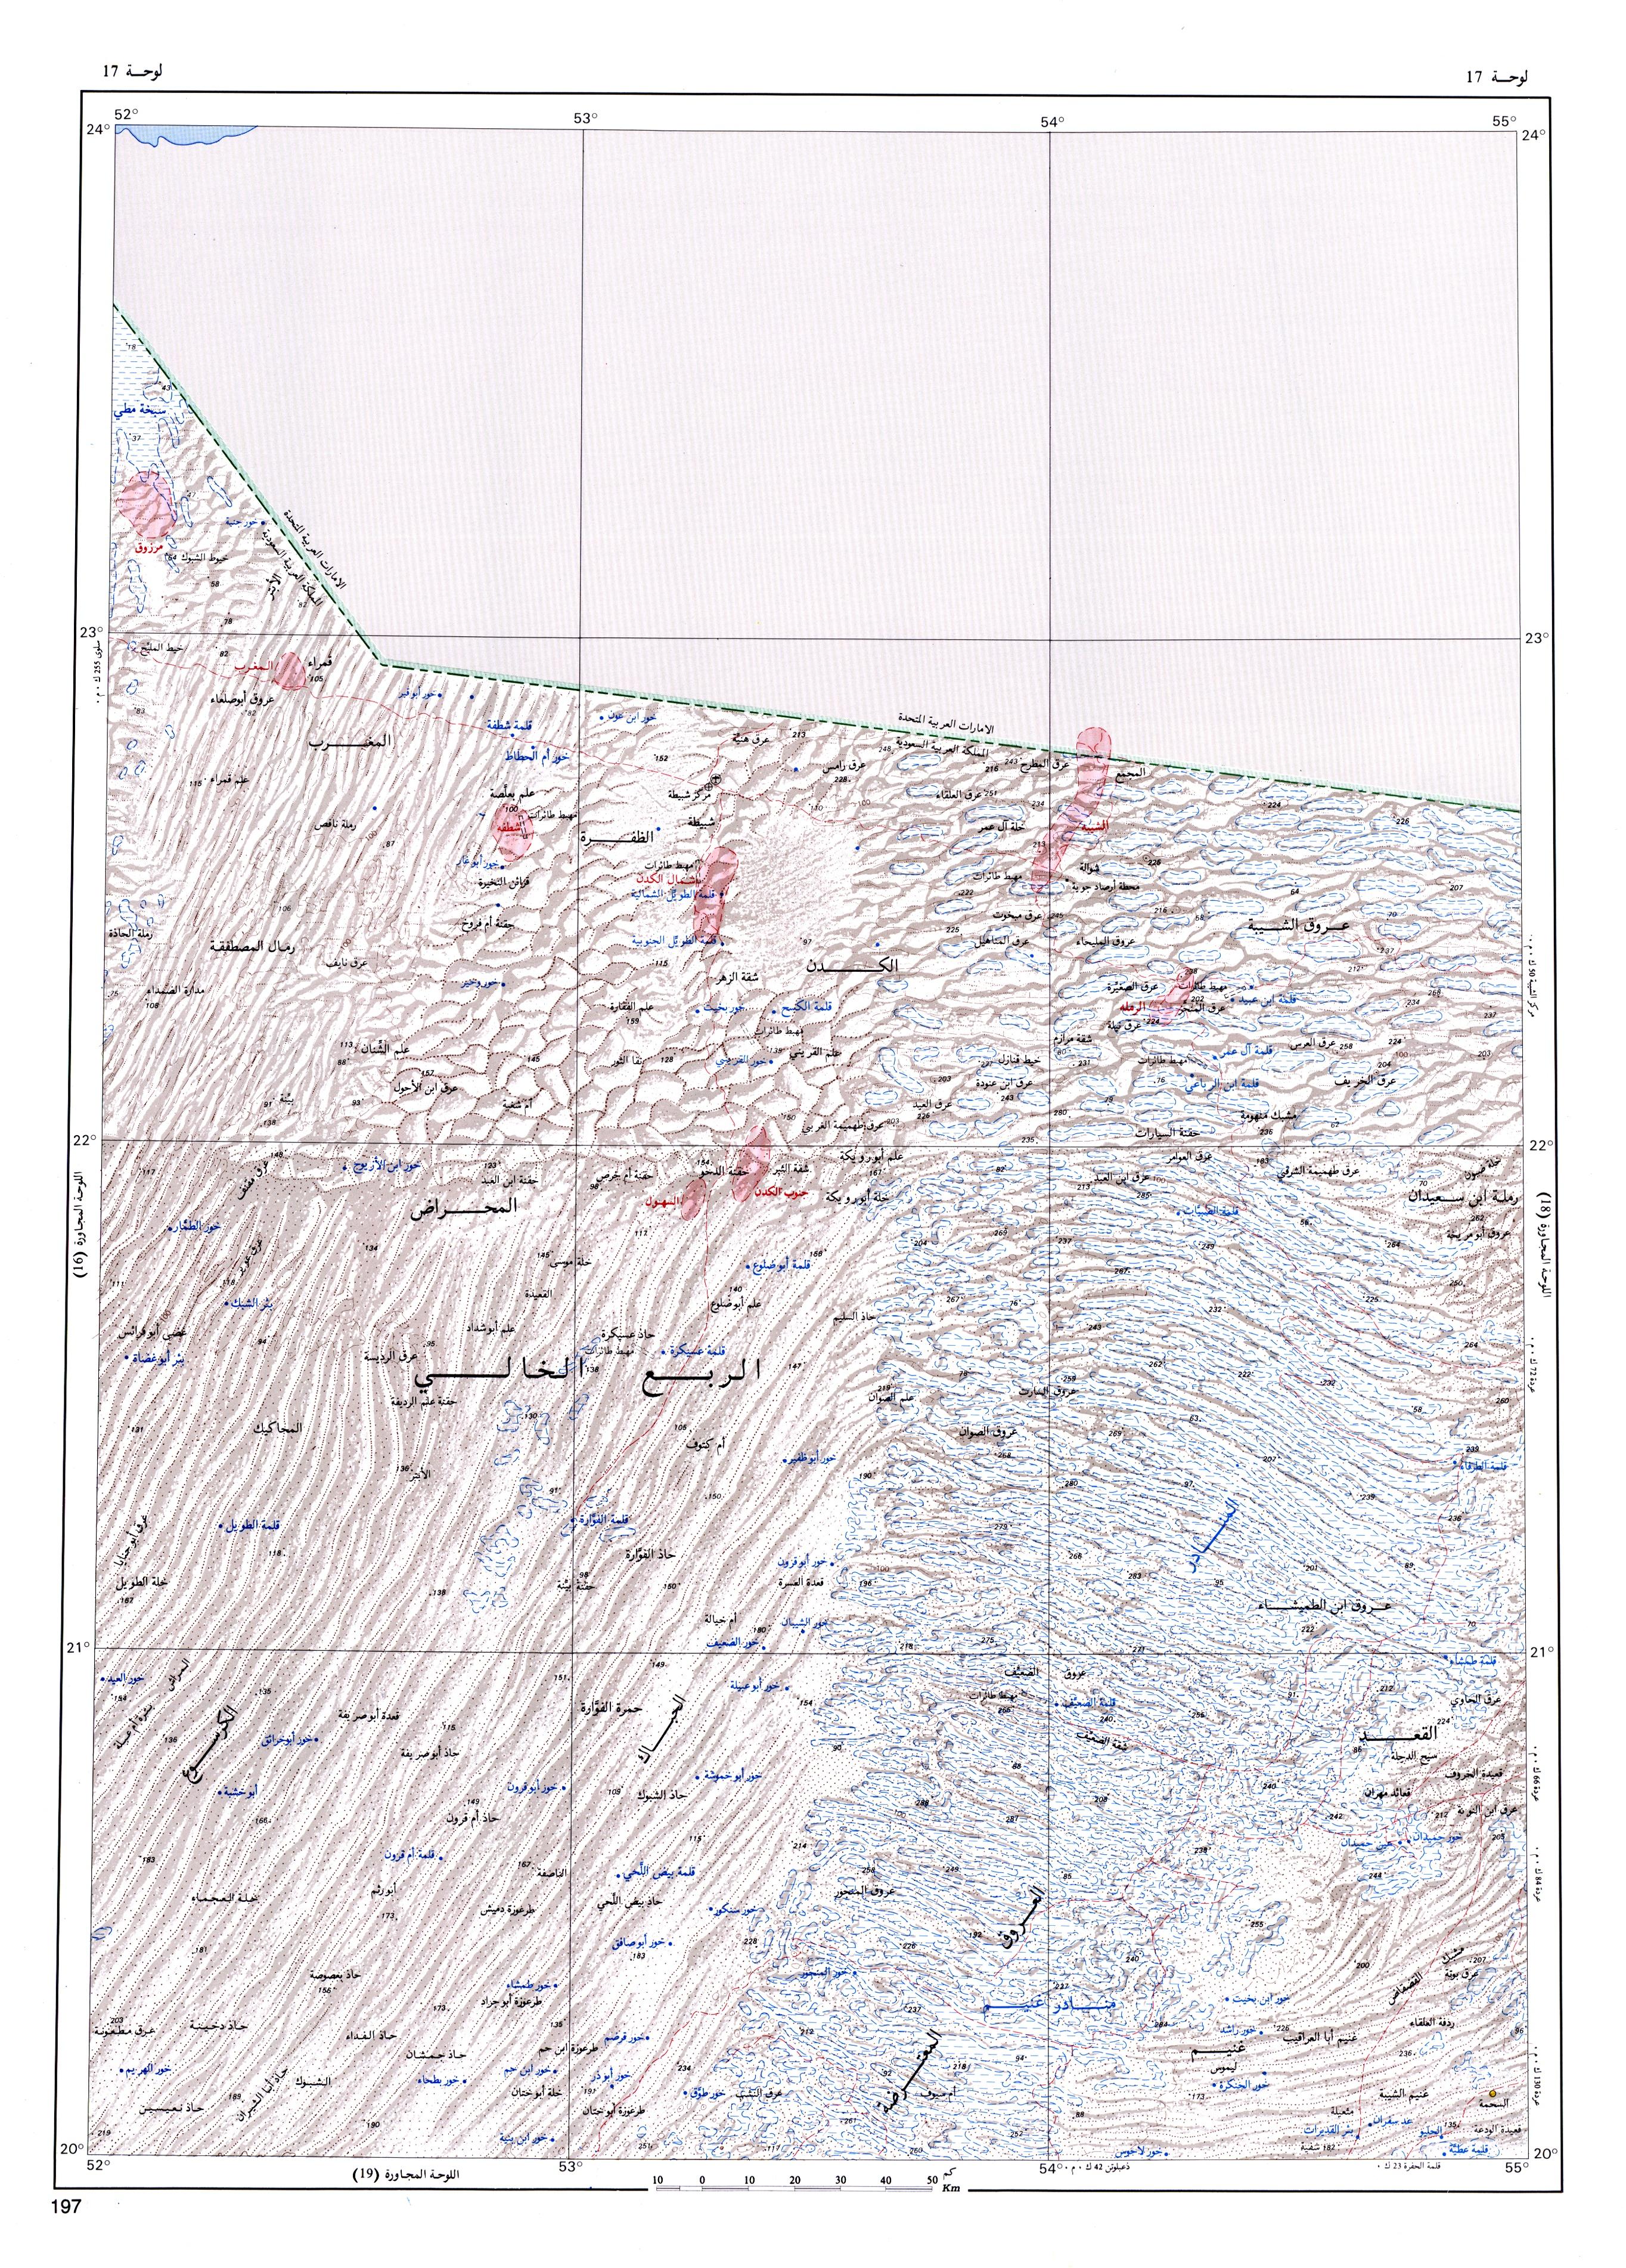 خرائط لمدن المملكة العربية السعودية Fig-17.jpg